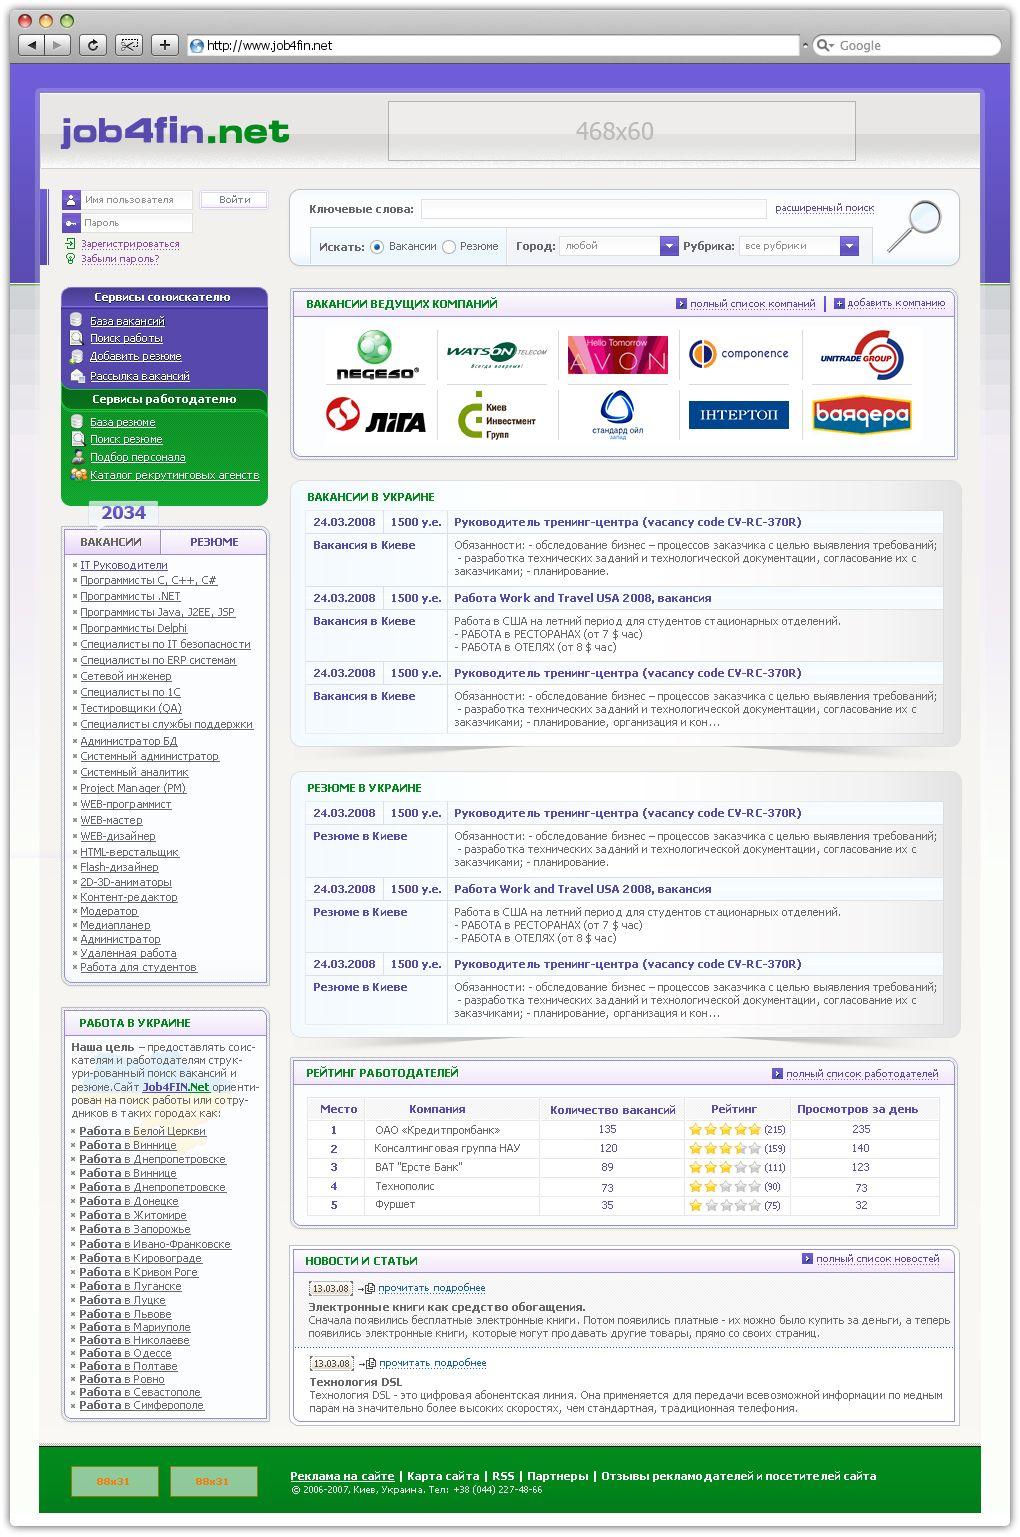 Job4fin.net